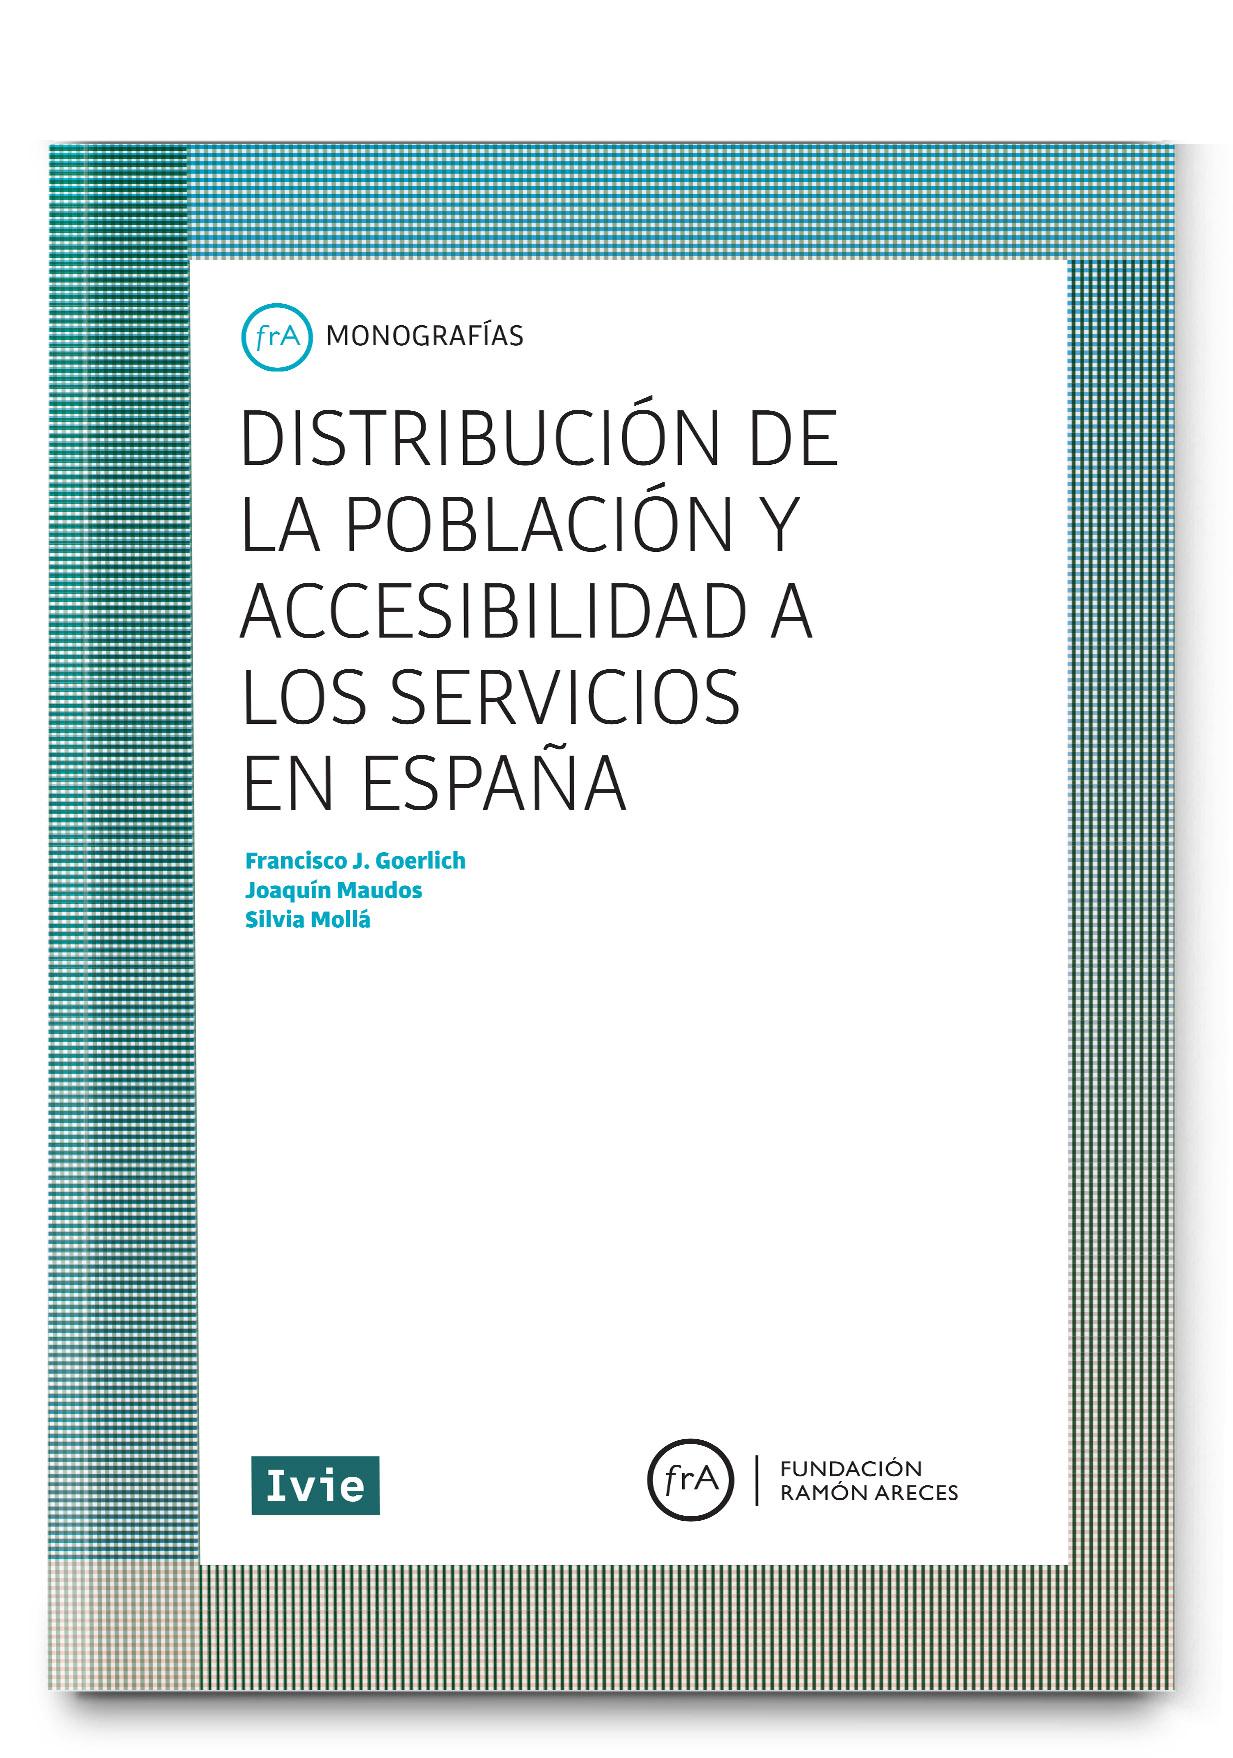 Distribución de la población y acceso a los servicios públicos